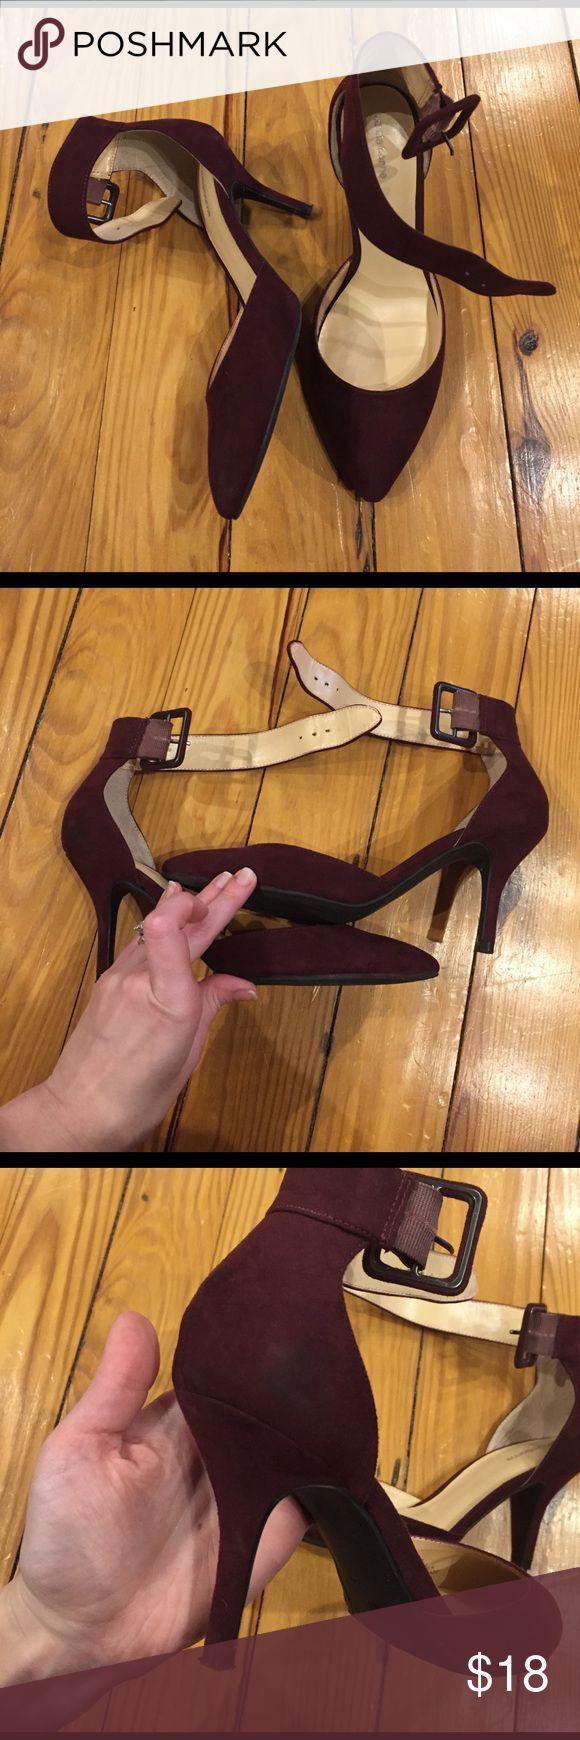 EUC liz Claiborne pumps Super cute maroon suede like ankle strap pumps Liz Claiborne Shoes Heels